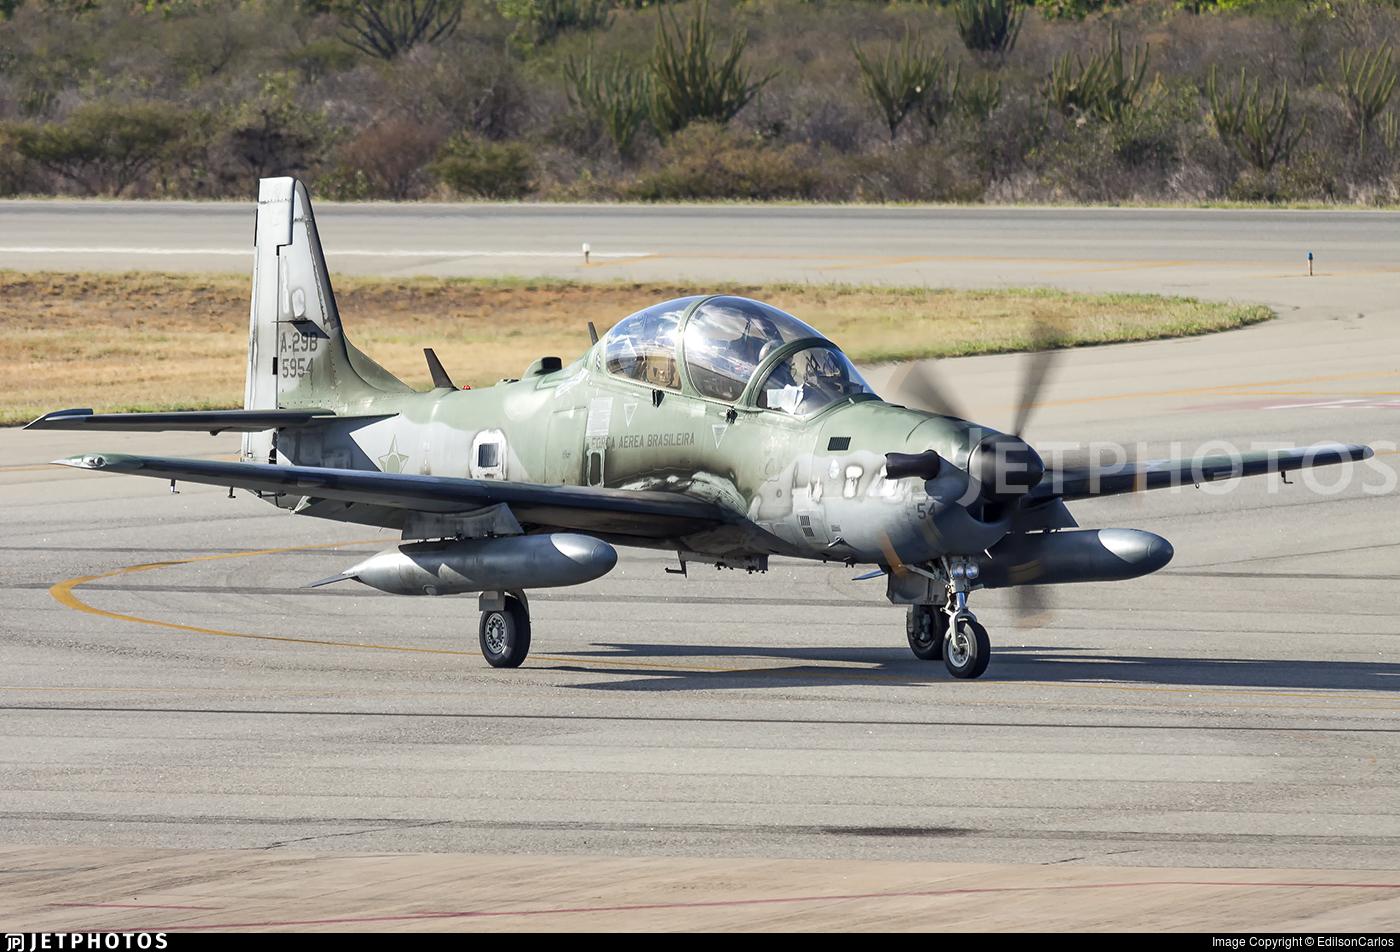 FAB5954 - Embraer A-29B Super Tucano - Brazil - Air Force